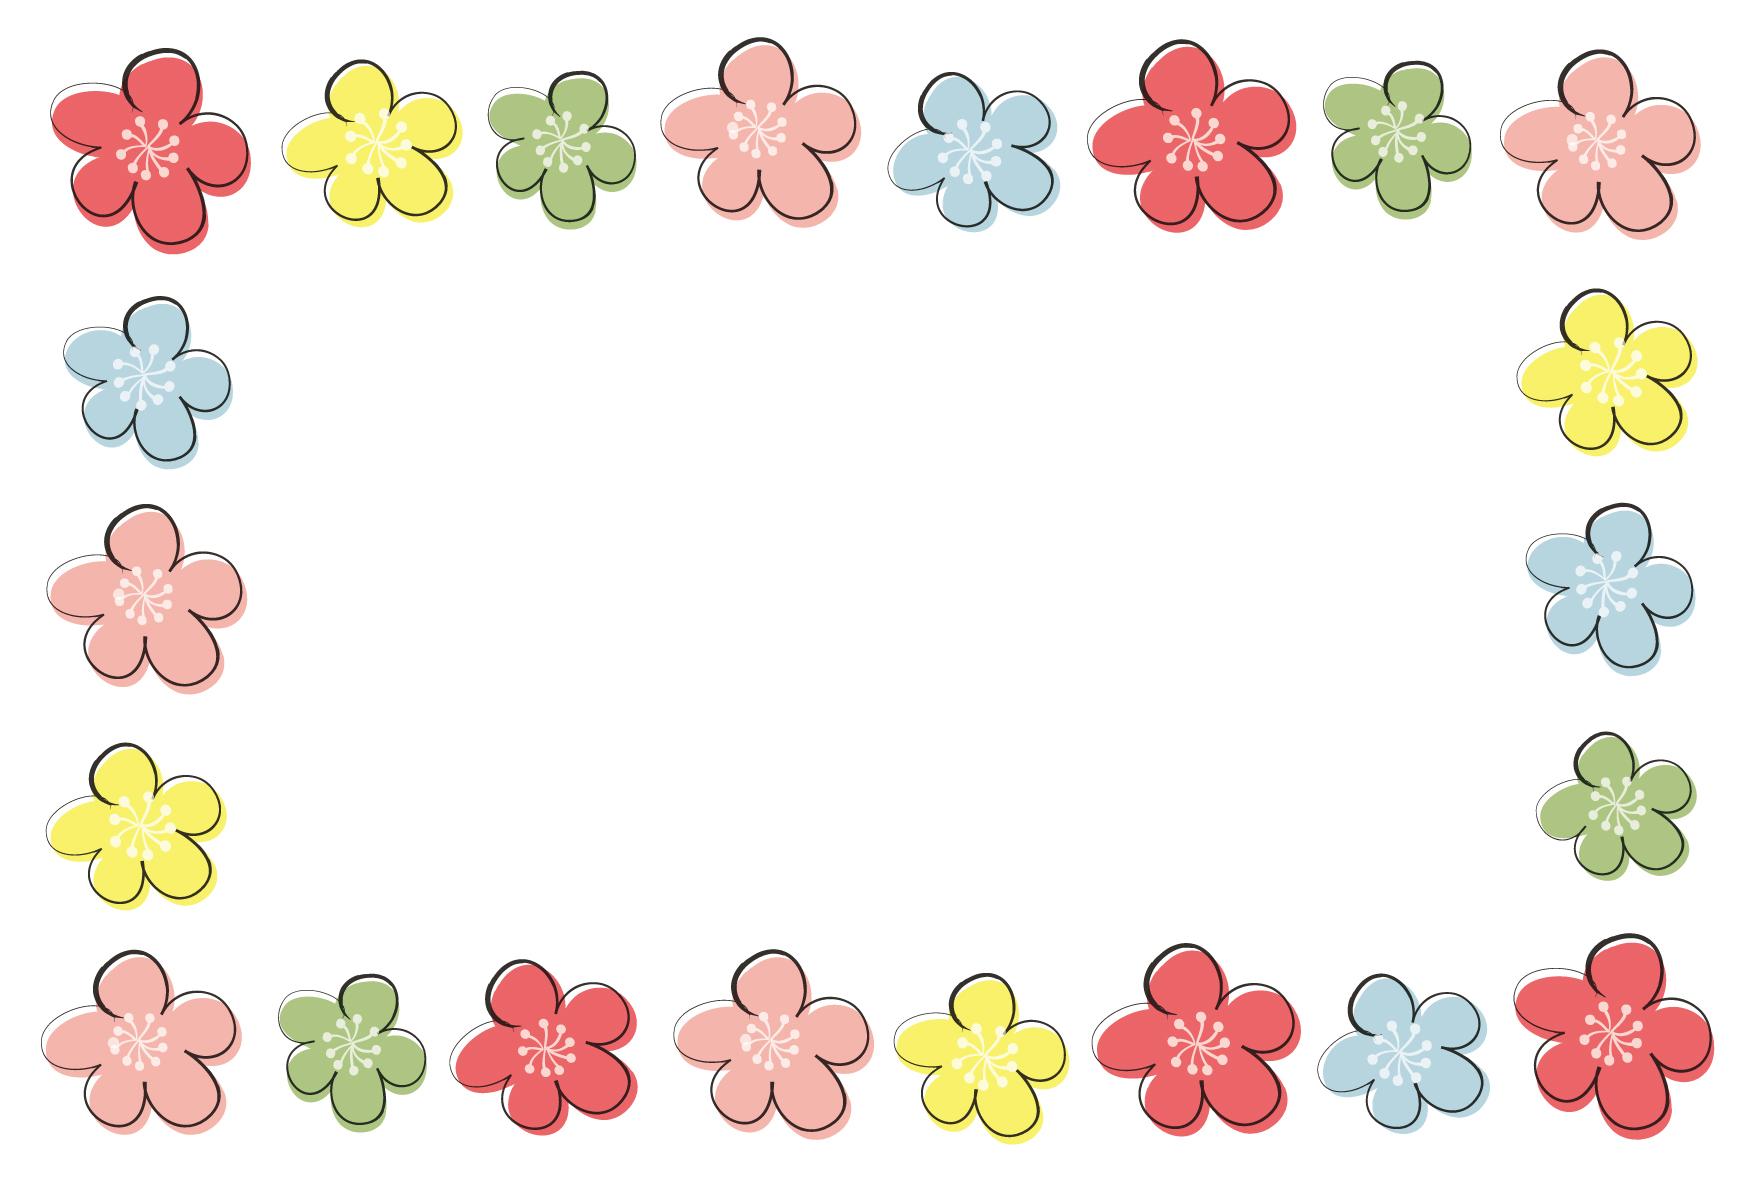 年賀状テンプレート「梅」カラフルな梅のフレームダウンロード